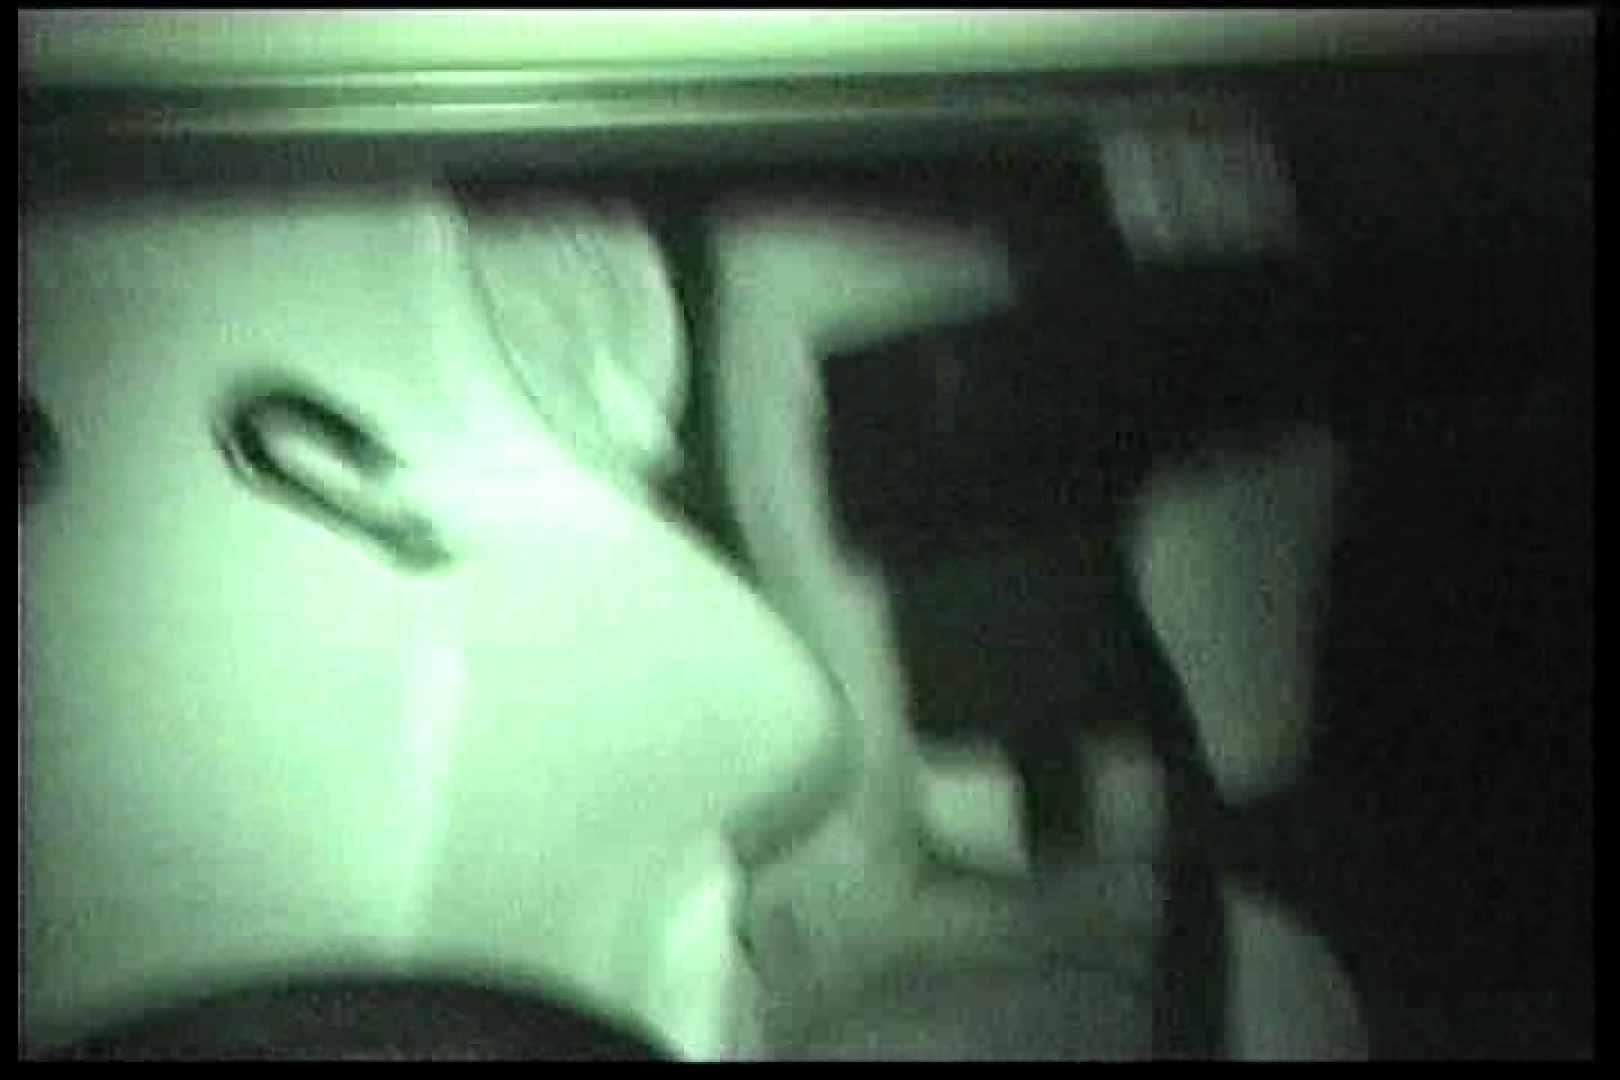 車の中はラブホテル 無修正版  Vol.11 カーセックス  34連発 9